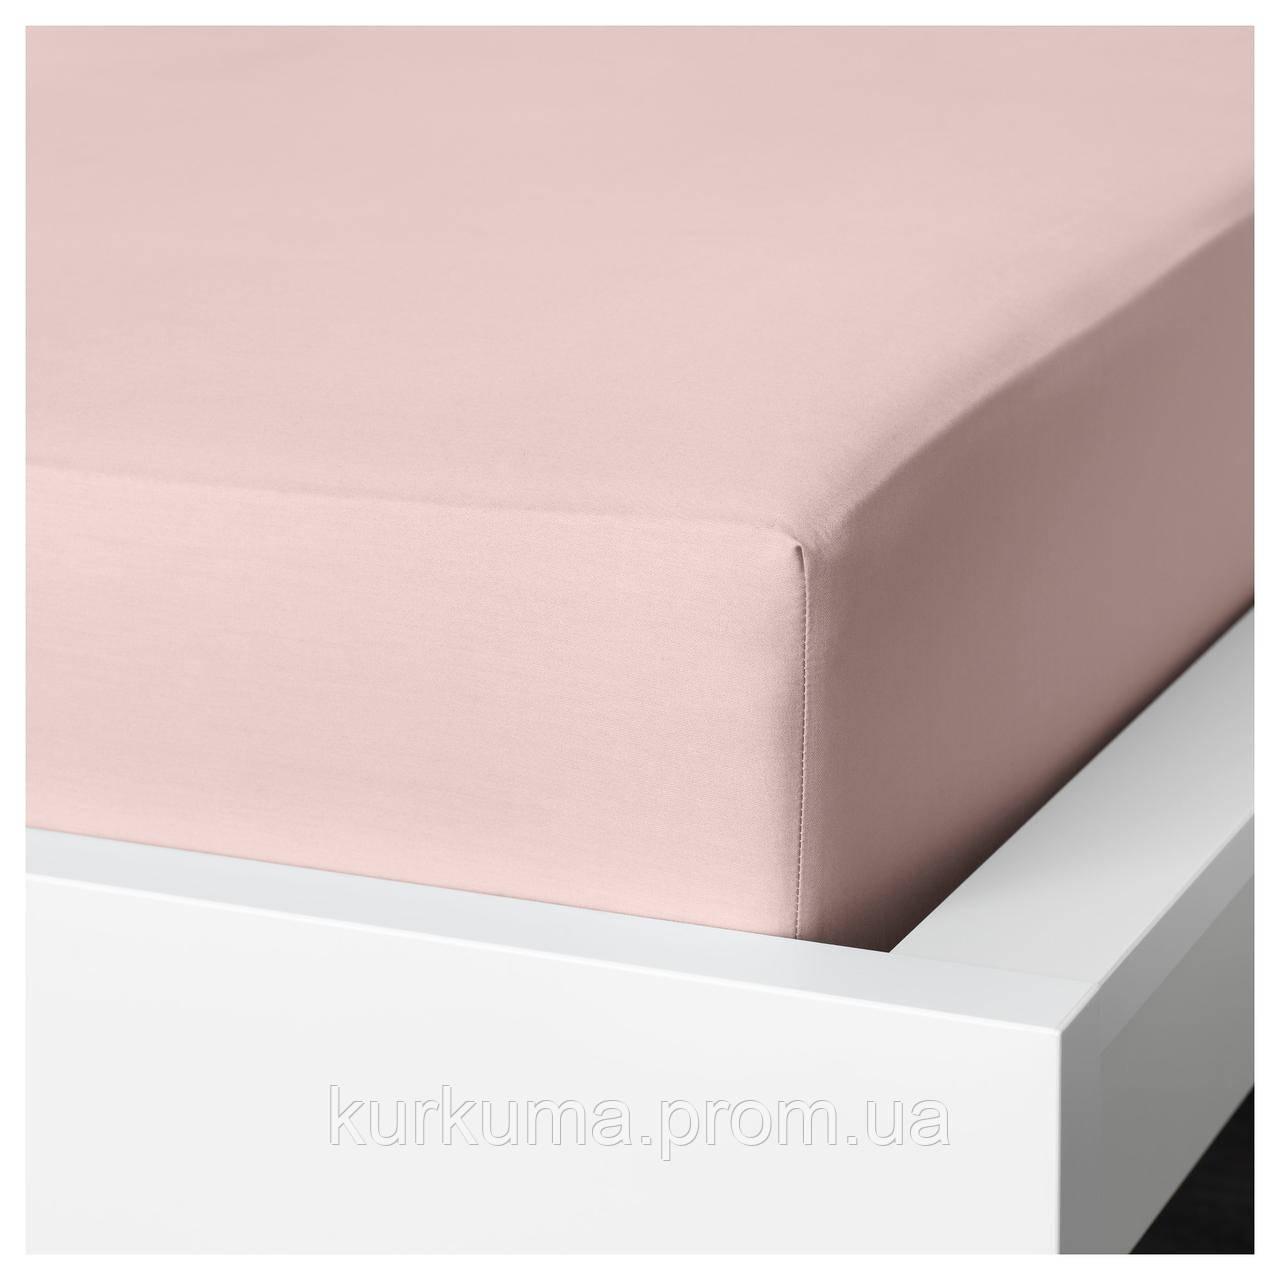 IKEA DVALA Простыня с резинкой, светло-розовый  (403.576.58)